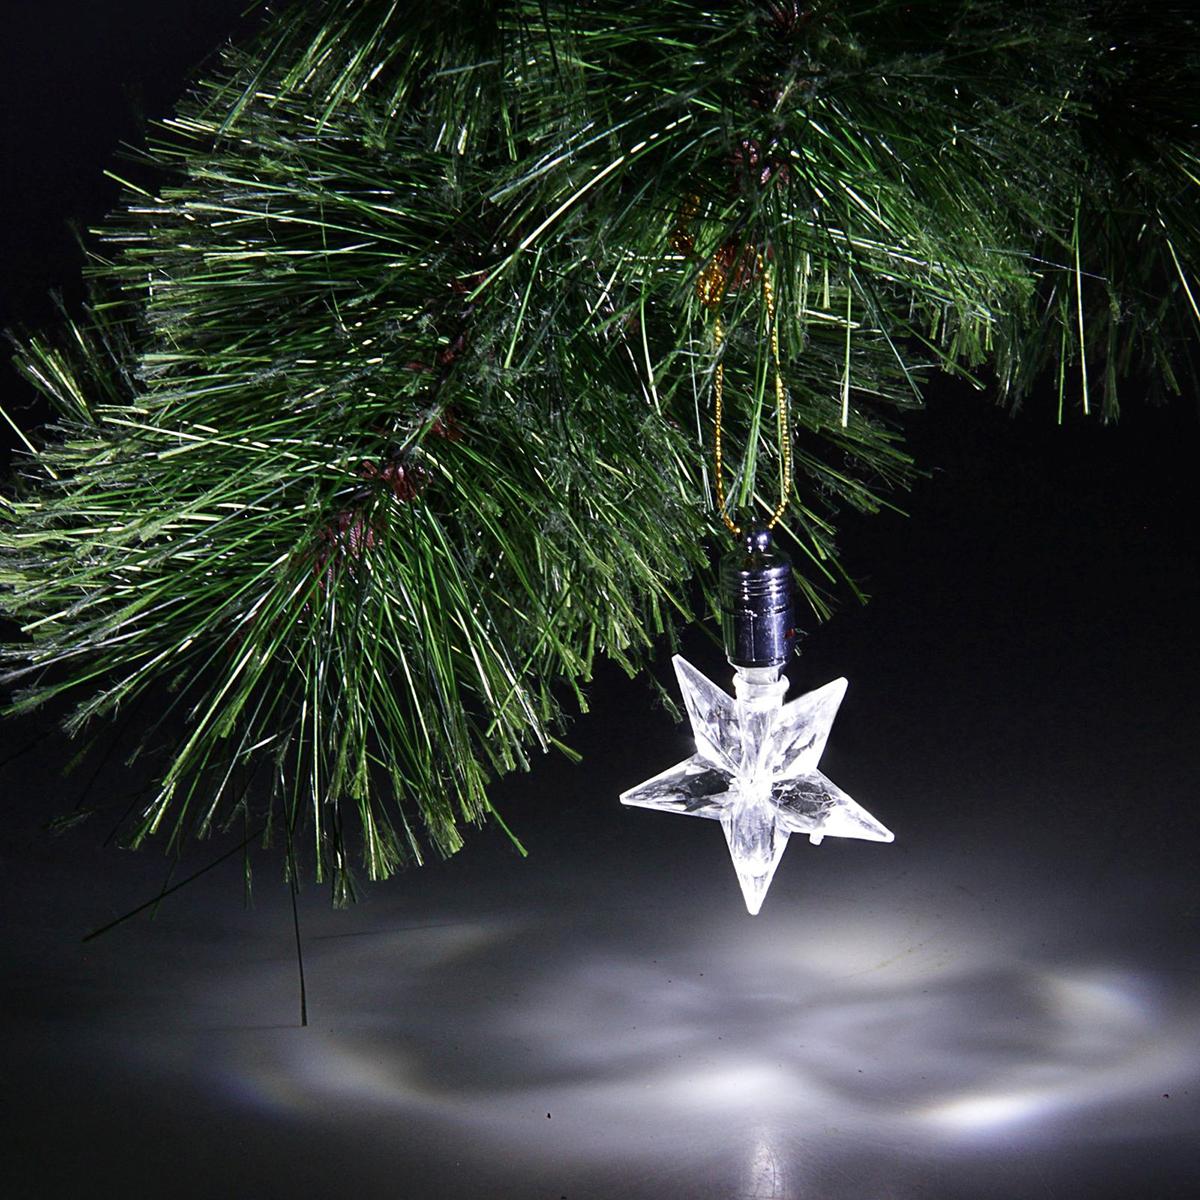 Украшение подвесное Luazon Звезда, с подсветкой704848Невозможно представить себе новогодний декор без звездочек! Они повсюду – вгирляндах и на подарочной упаковке, на вершине елки и на оконных стеклах. Дополните интерьер оригинальными светящимися подвесками-звездочками.Удобное крепление-петелька позволяет размещать такое украшение где угодно!Особенно выигрышно смотрится множество сияющих звездочек под потолком.Причем такую красоту совершенно необязательно снимать после 14 января –пусть частичка сказки останется с вами круглый год! Размер: 8 см, Батарейки: 3 штуки в комплекте, Тип батареек: LR-41.